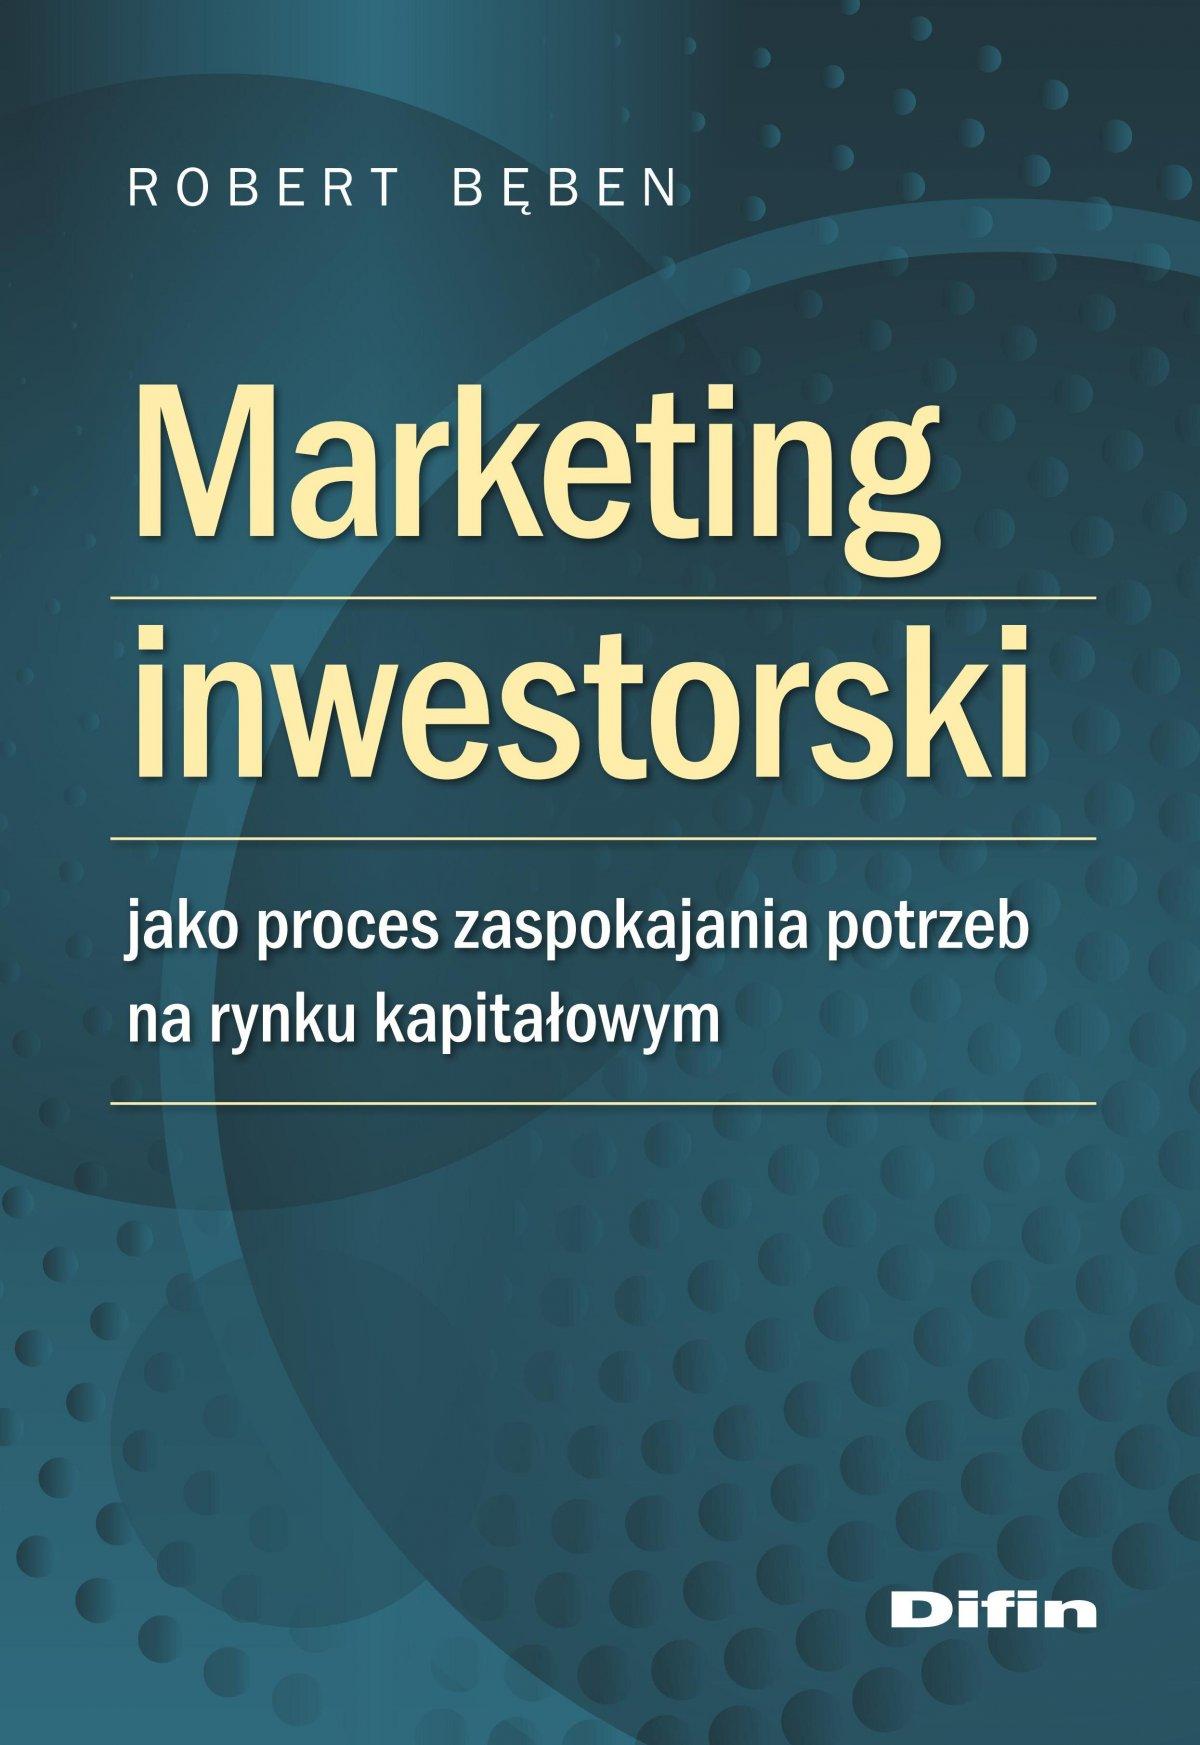 Marketing inwestorski jako proces zaspokajania potrzeb na rynku kapitałowym - Ebook (Książka na Kindle) do pobrania w formacie MOBI